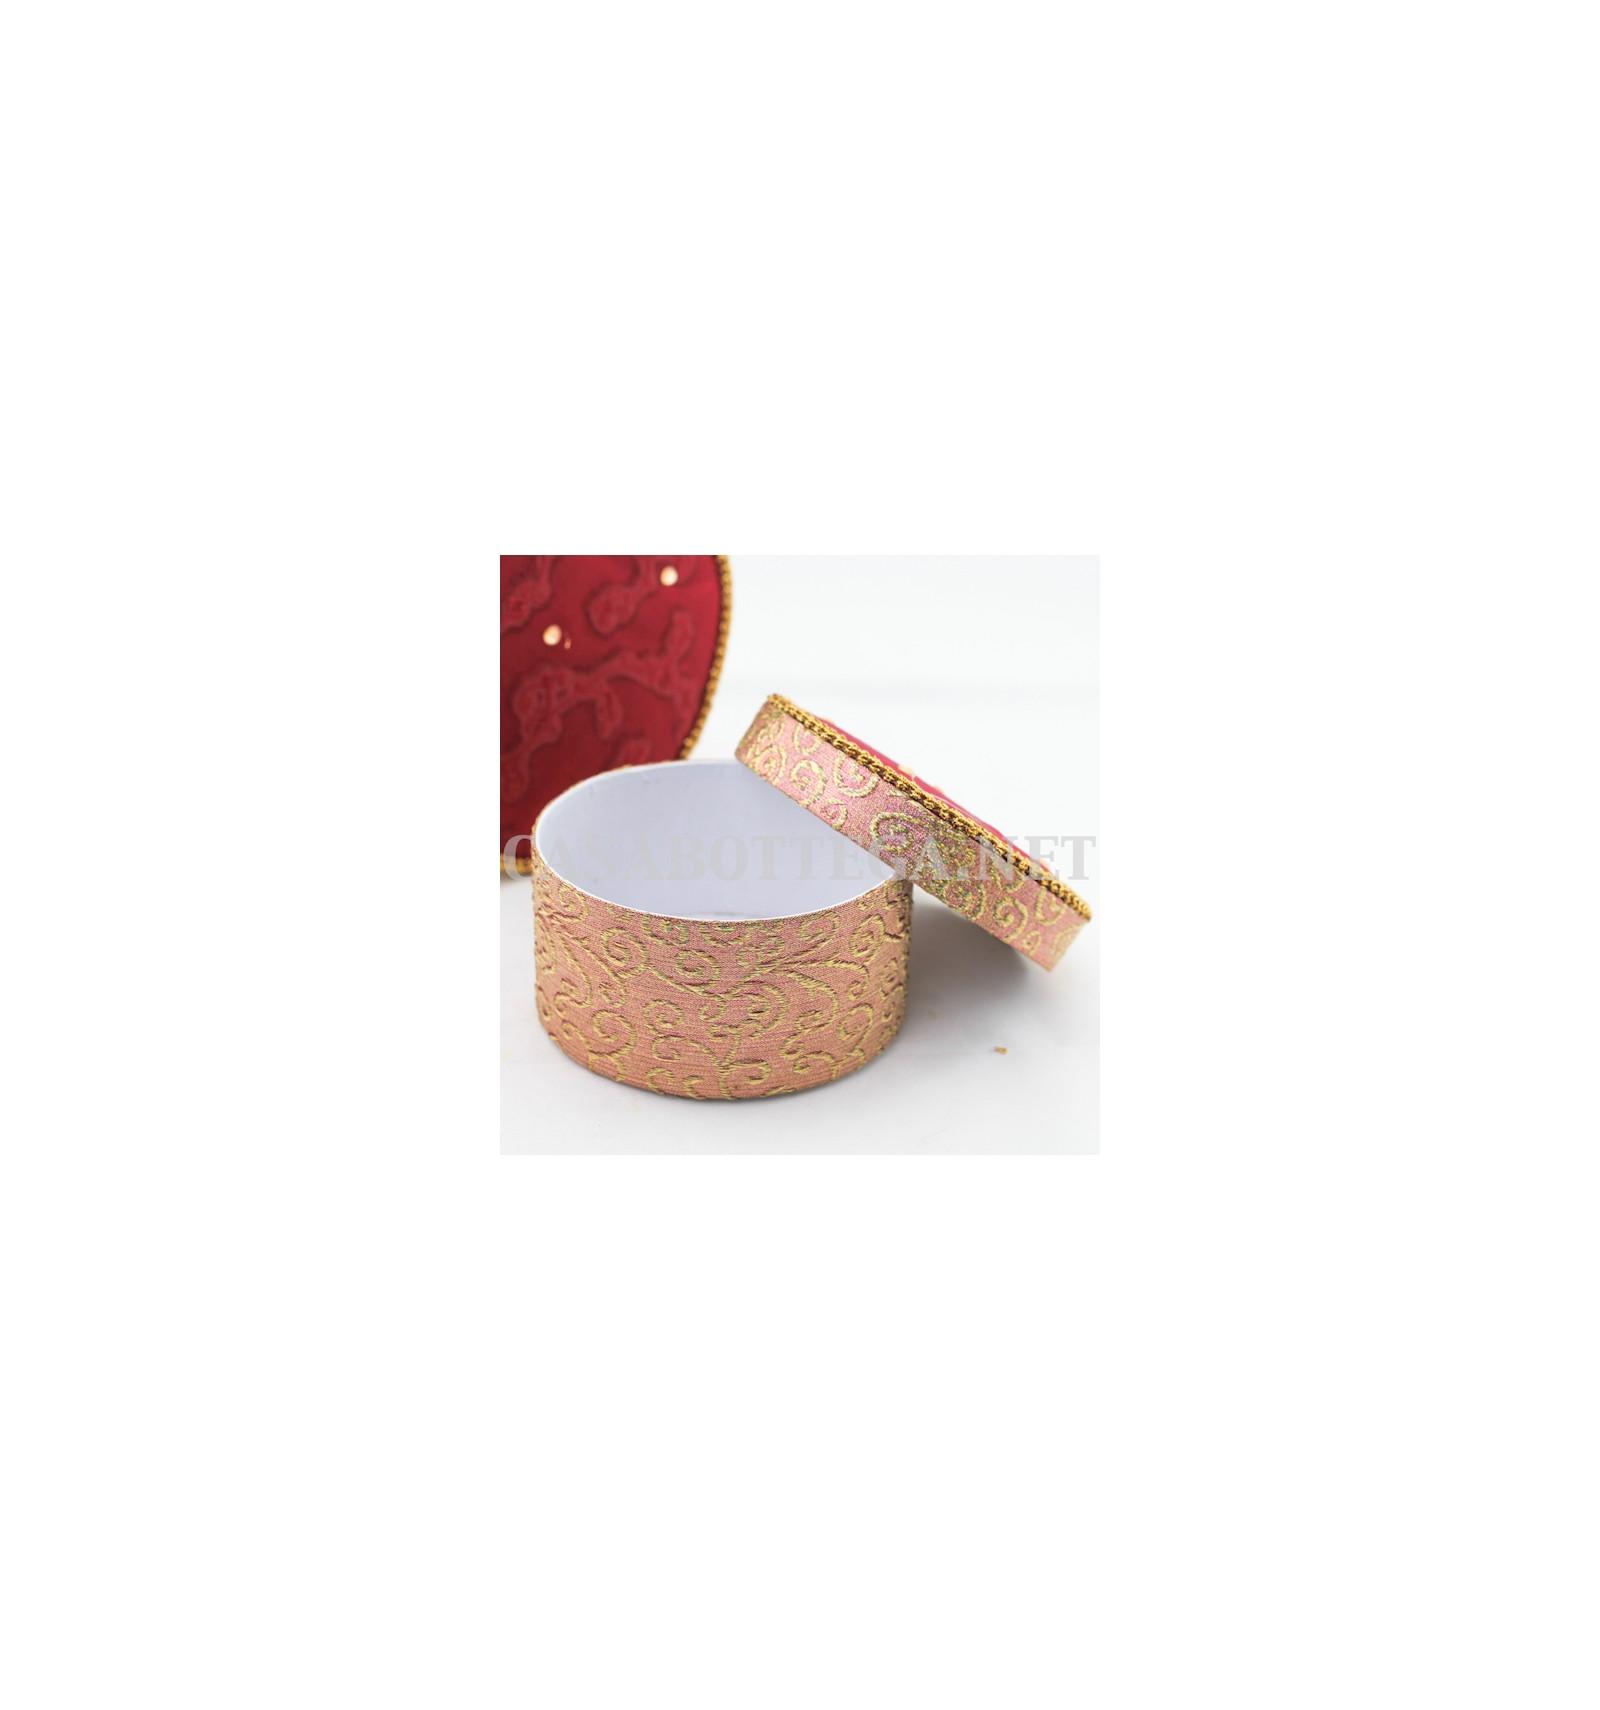 Scatola porta gioie contenitore portaoggetti decorazione for Scatole per armadi in tessuto